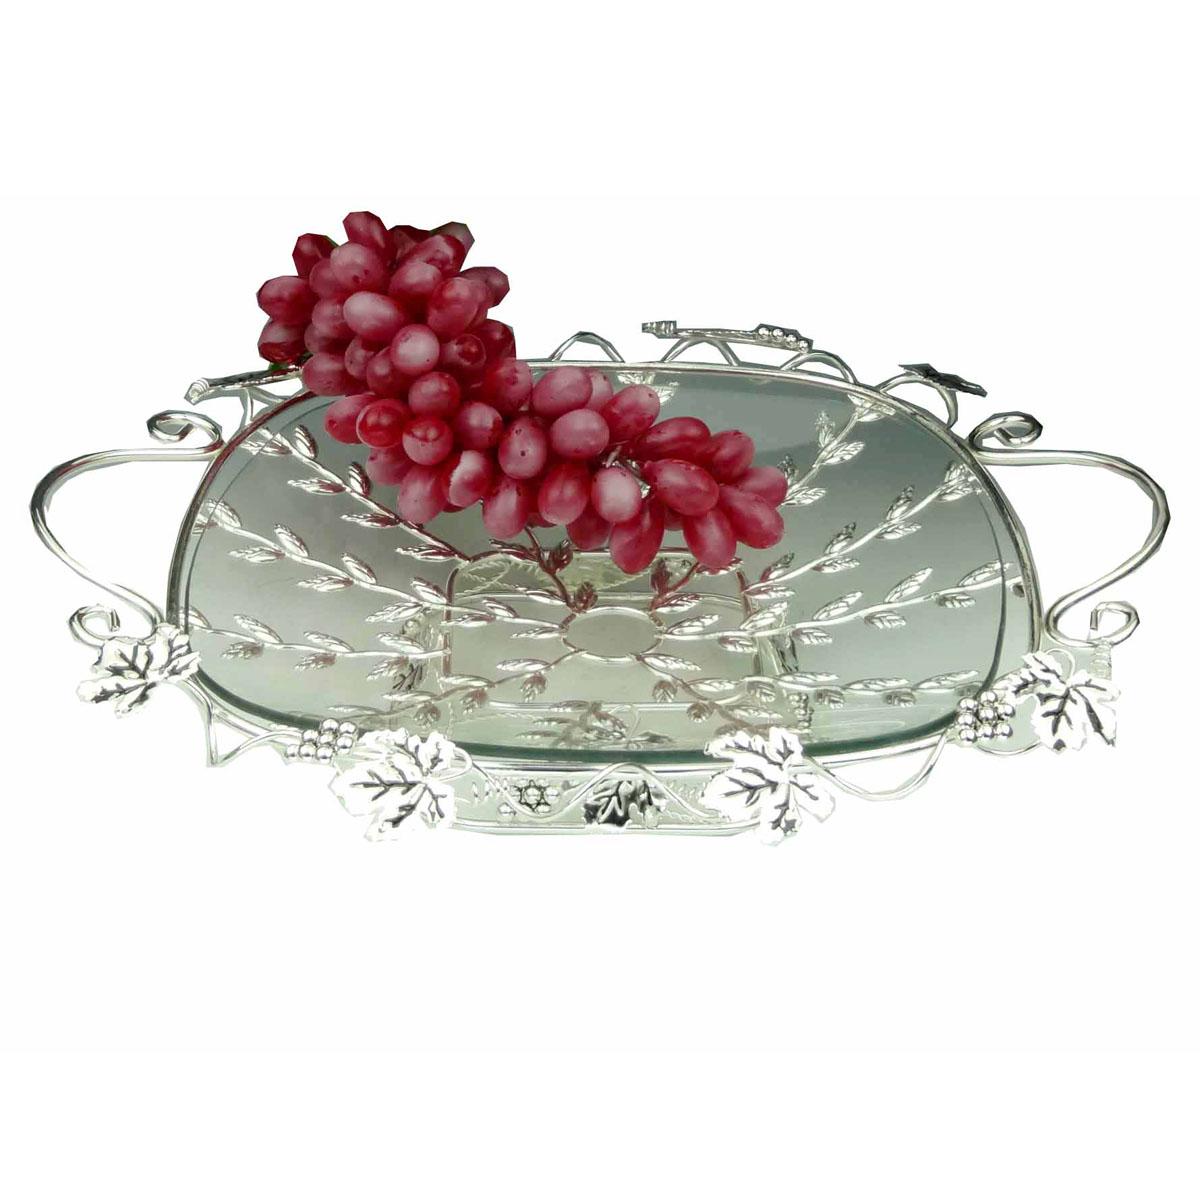 Ваза универсальная Marquis, 35 х 35 см7014-MRУниверсальная ваза Marquis выполнена из стали с серебряно-никелевым покрытием и снабжена съемным поддоном из прочного стекла. Стальная ножка обеспечивает устойчивость вазы. Ваза выполнена в виде плетеной стальной решетки, украшенной листьями и гроздьями винограда. По бокам имеются удобные ручки. Посуда может использоваться как фруктовница. Выполненная под старину, такая ваза придется по вкусу и ценителям классики, и тем, кто предпочитает утонченность и изысканность. Сервировка праздничного стола вазой Marquis станет великолепным украшением любого торжества.